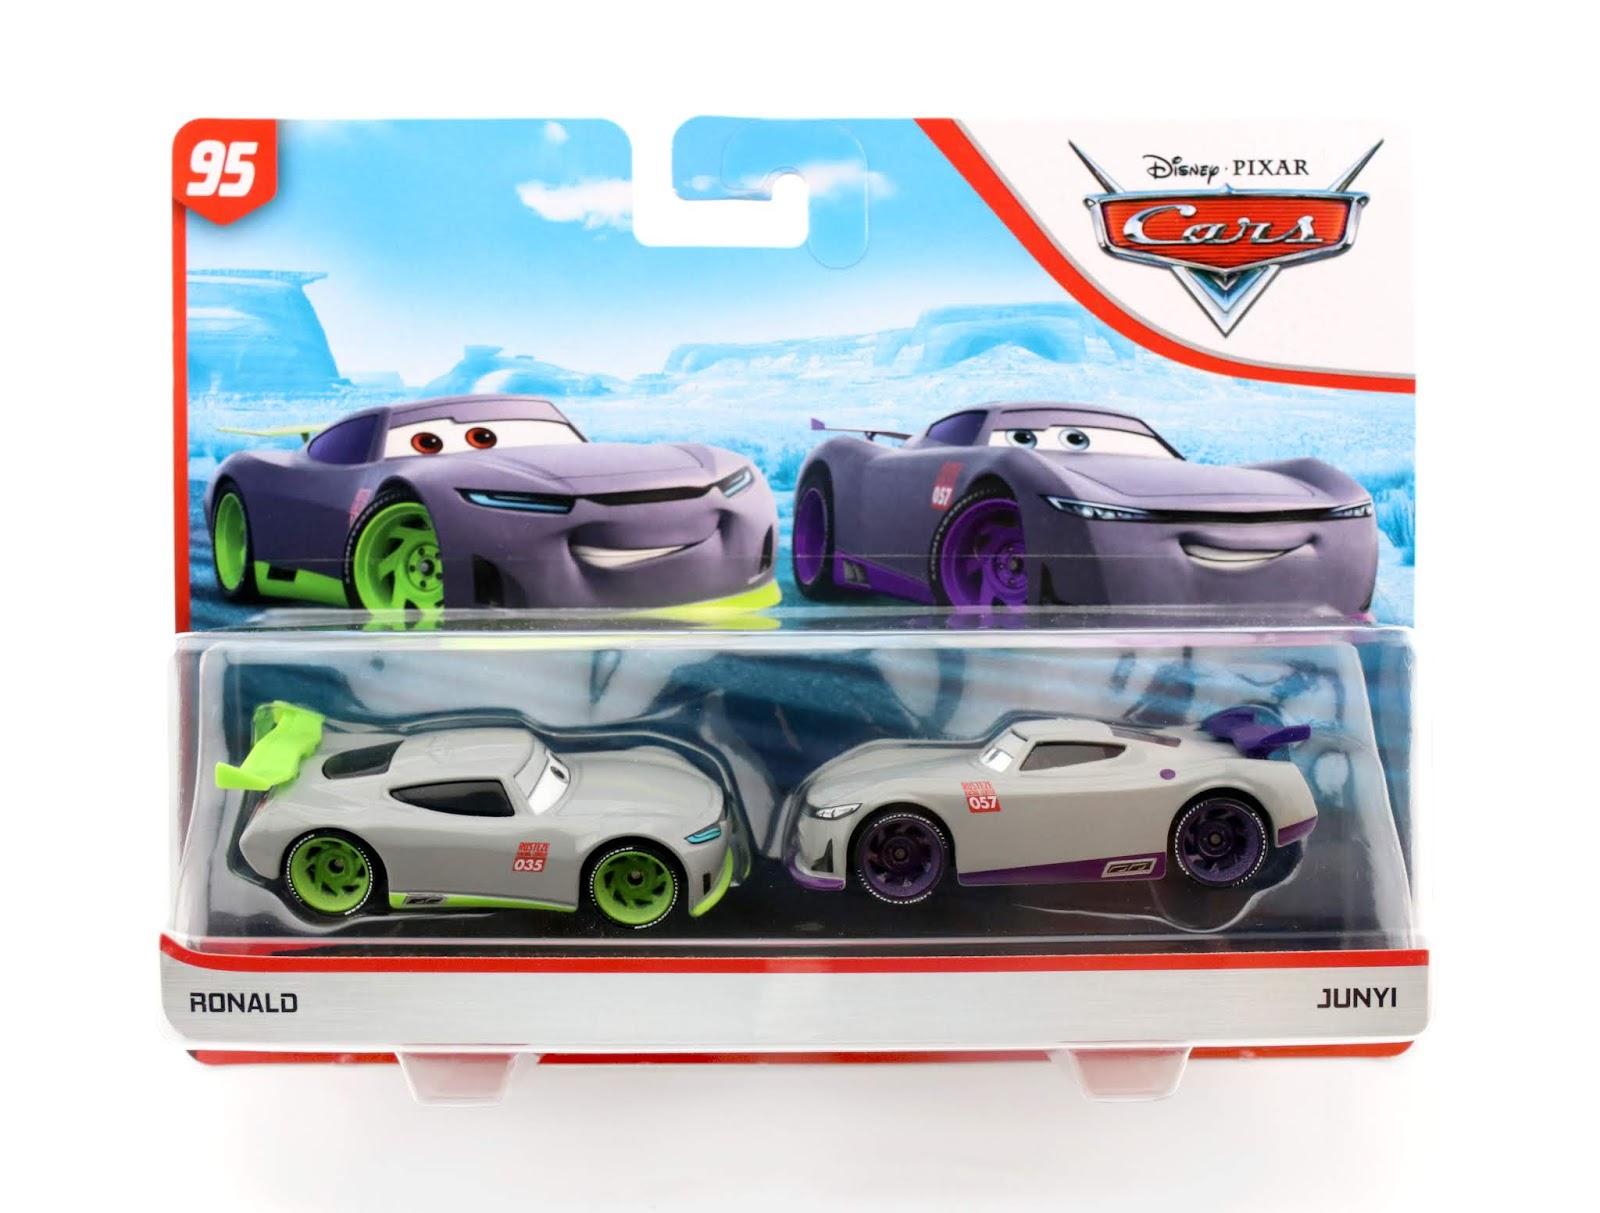 Dan The Pixar Fan Cars 3 Ronald Junyi 2 Pack